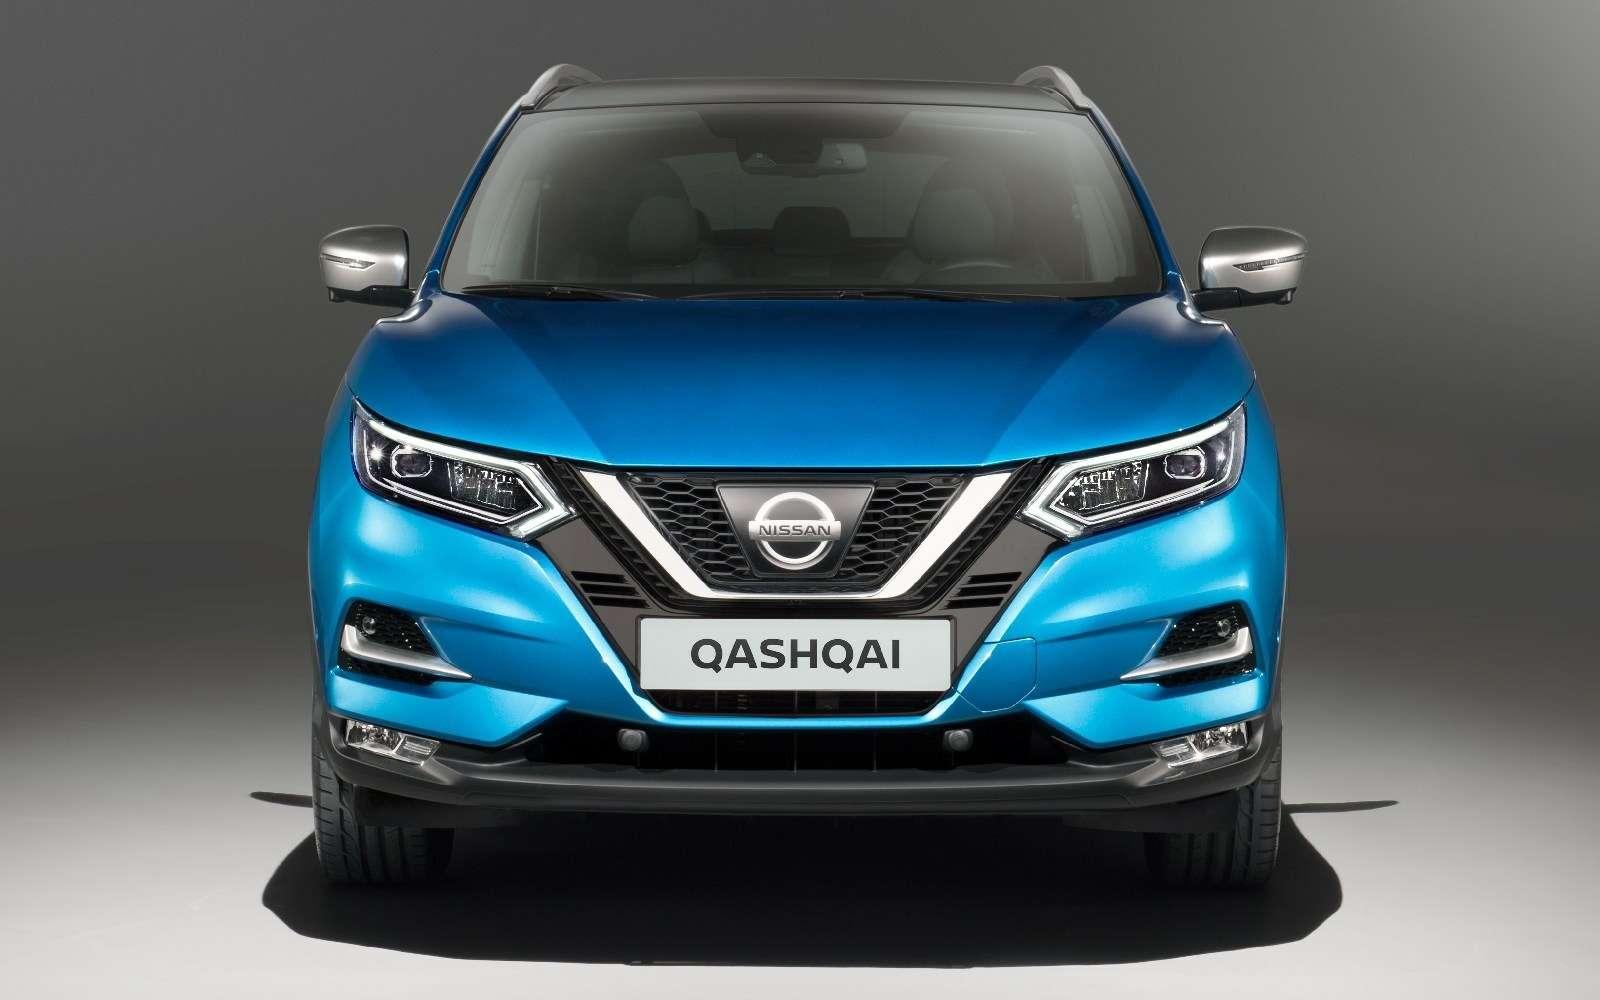 Обновленный Nissan Qashqai: европейский бестселлер самериканским лицом— фото 717707